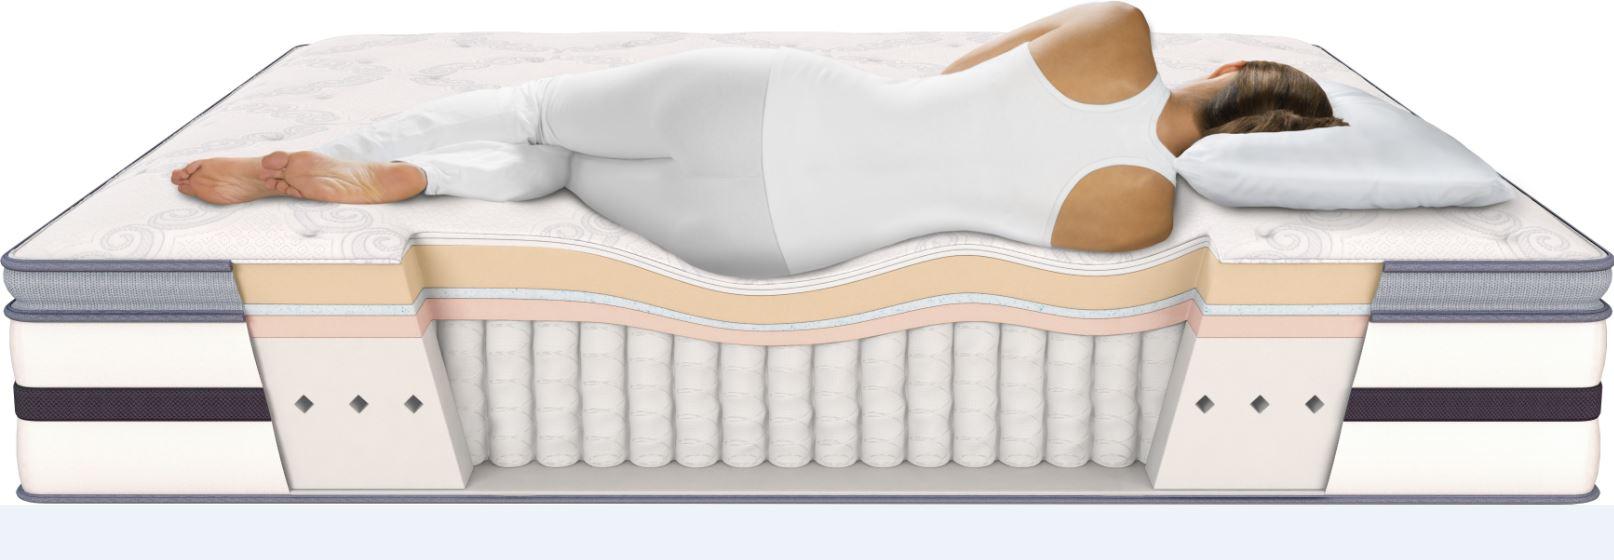 Ορθοπεδικό στρώμα για πόνους στη σπονδυλική στήλη.